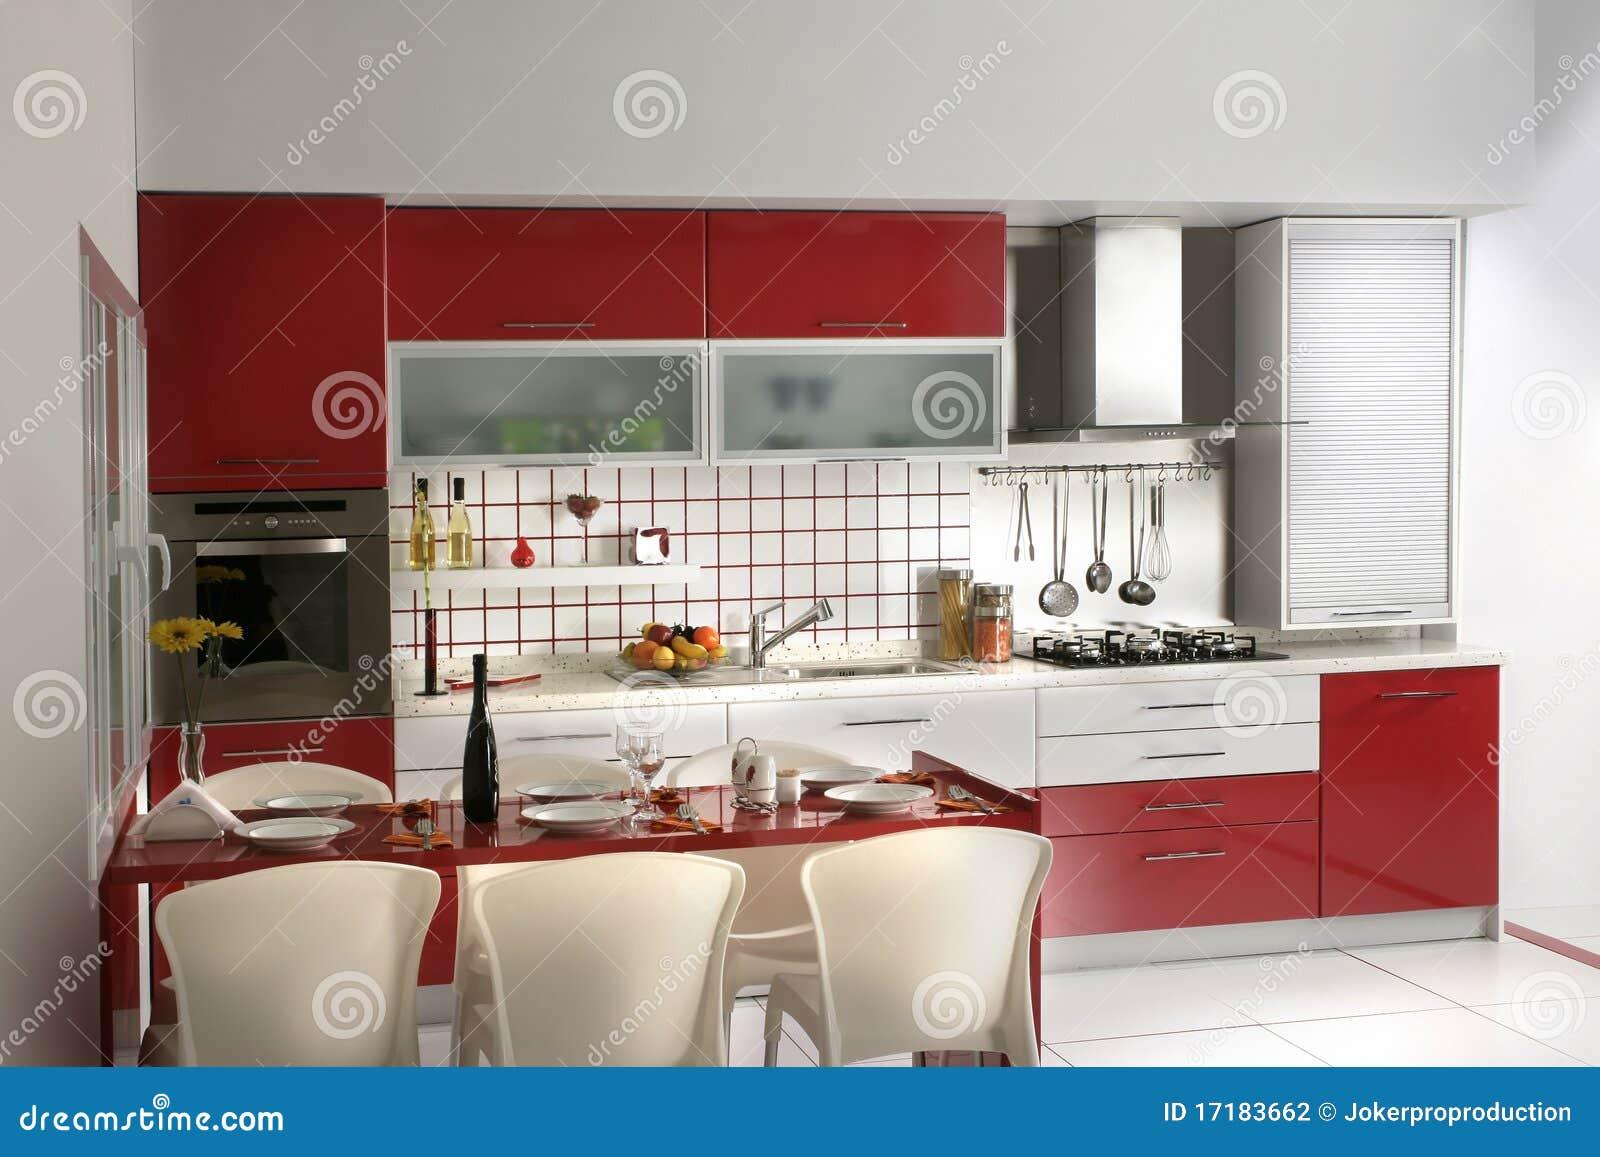 Moderne keuken stock foto afbeelding bestaande uit luxe 17183662 - Fotos moderne keuken ...